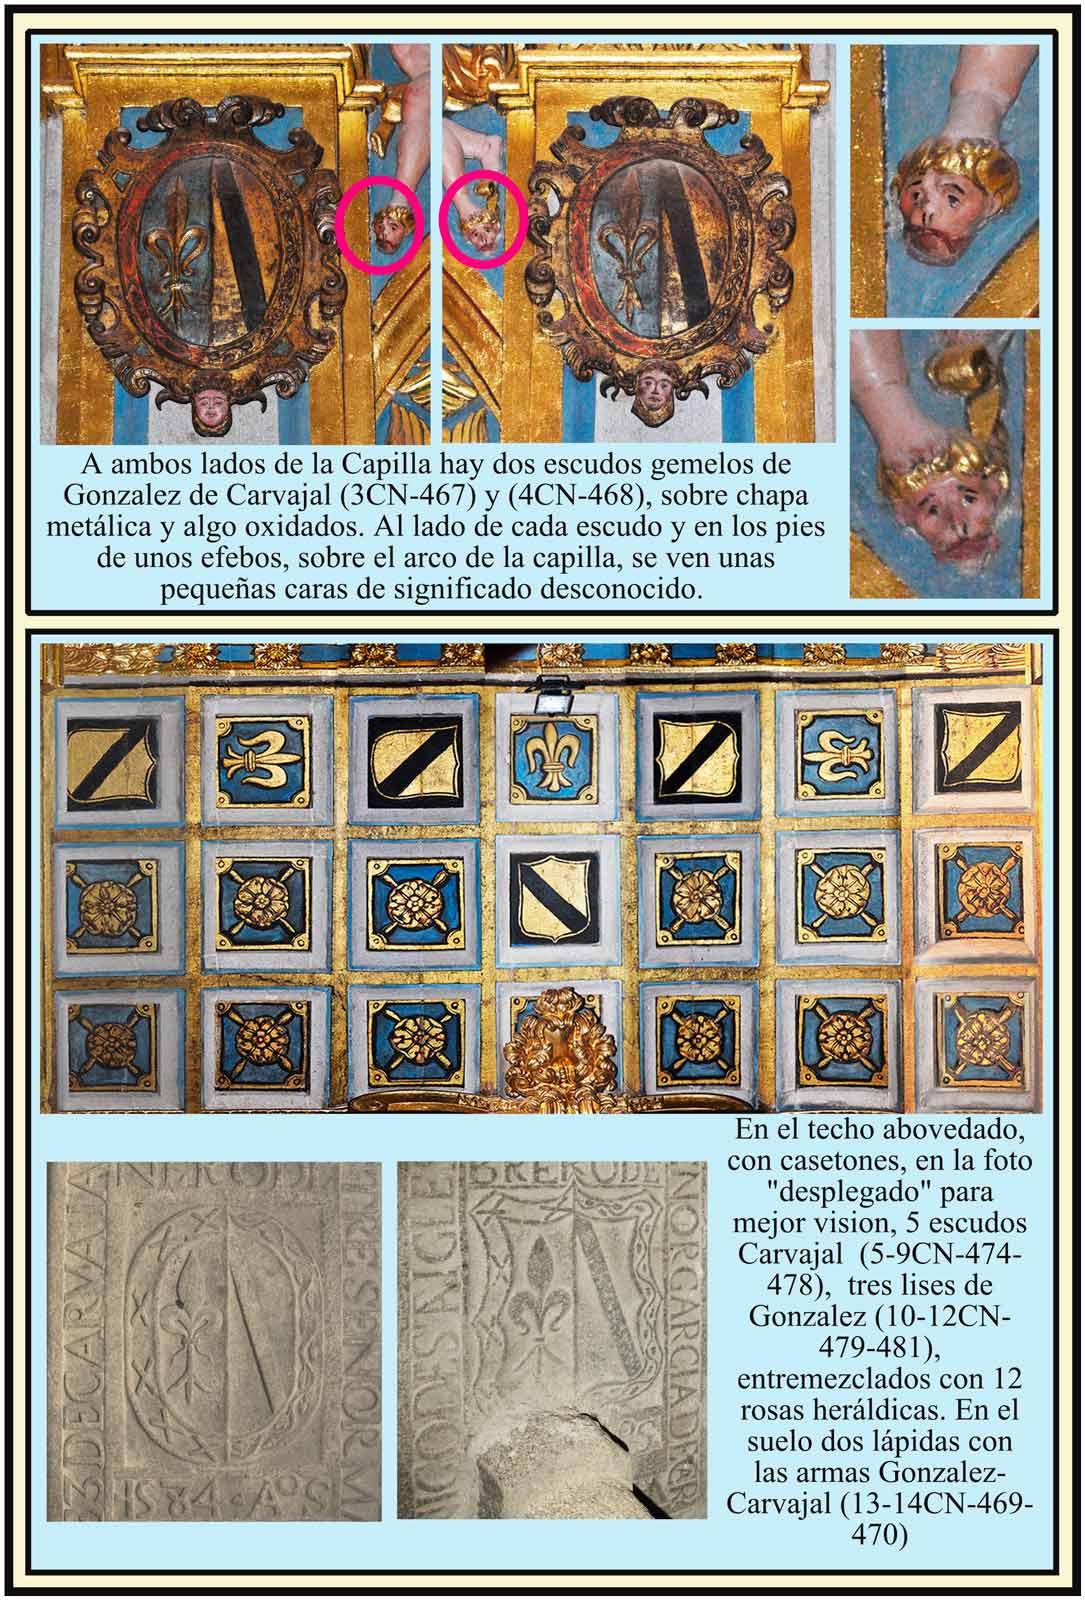 Escudos de Carvajal y Gonzalez y lapidas de la Capilla del Crucifijo